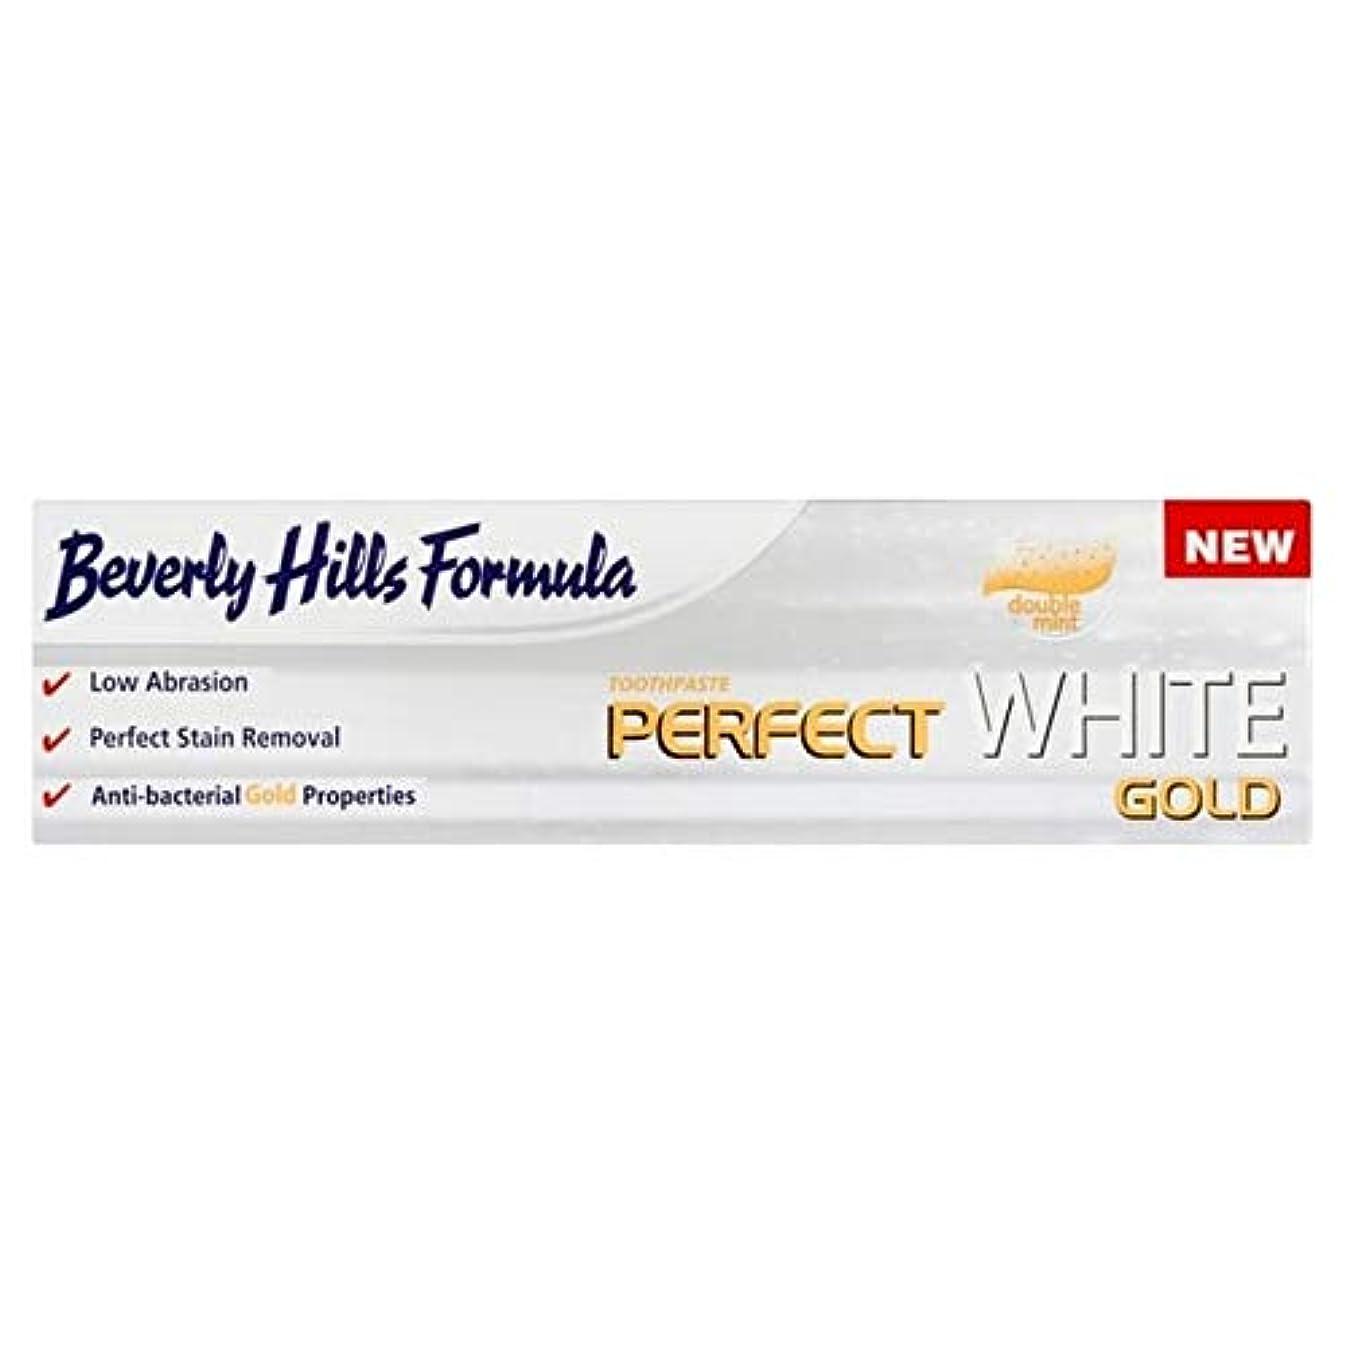 着実に頬骨請願者[Beverly Hills ] ビバリーヒルズ公式パーフェクトホワイトゴールドの100ミリリットル - Beverly Hills Formula Perfect White Gold 100ml [並行輸入品]